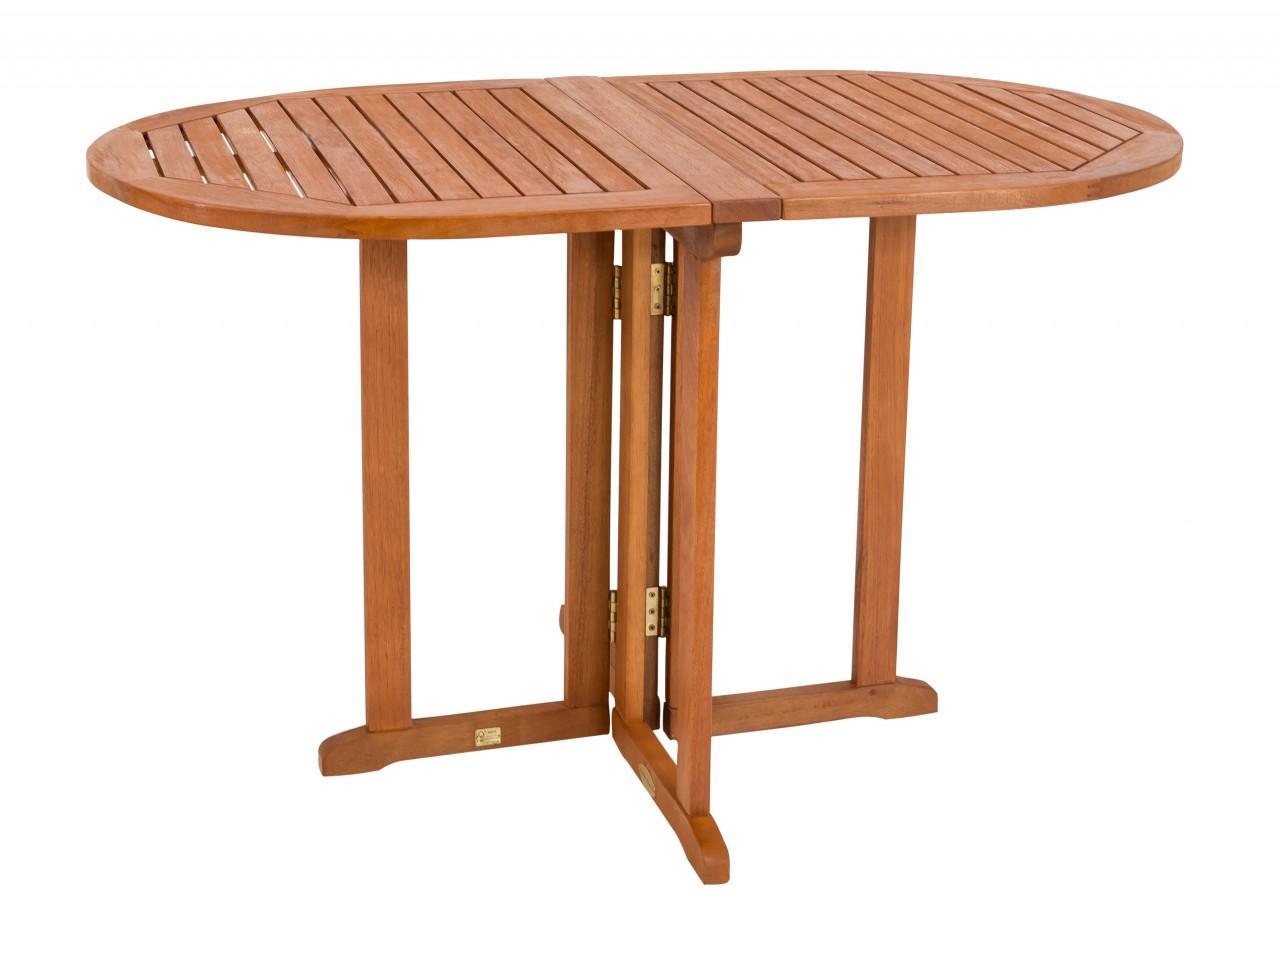 Gartentisch Oval Holz Gartentisch Holz Oval Ausziehbar Holz